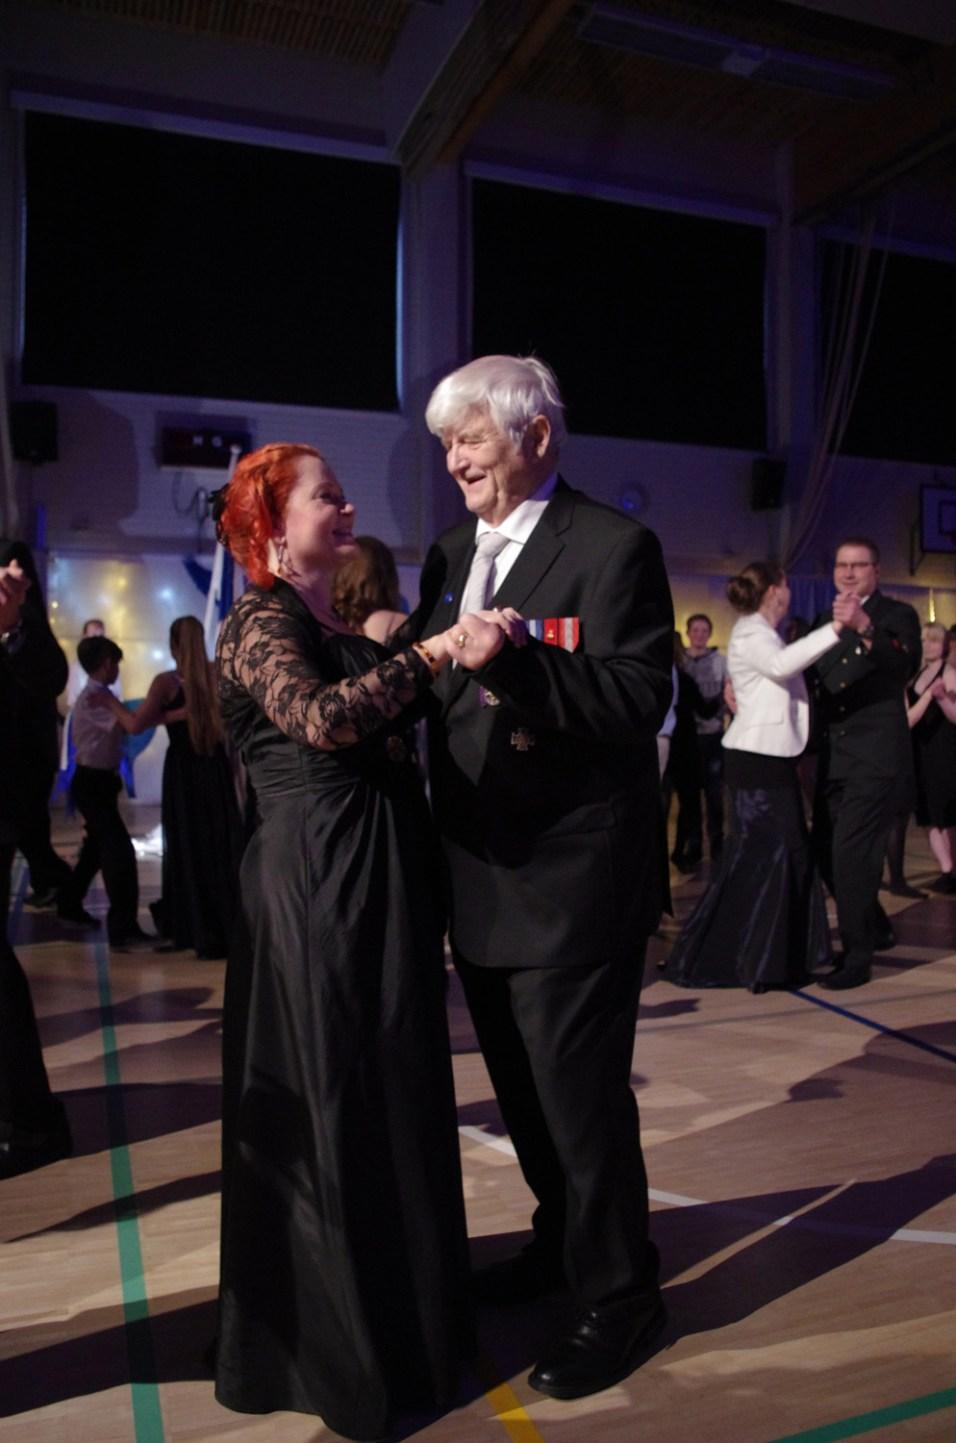 Apulaisrehtori Virpi Eronen ja Mauri Vänttinen tanssahtelivat yläkoulun juhlissa.